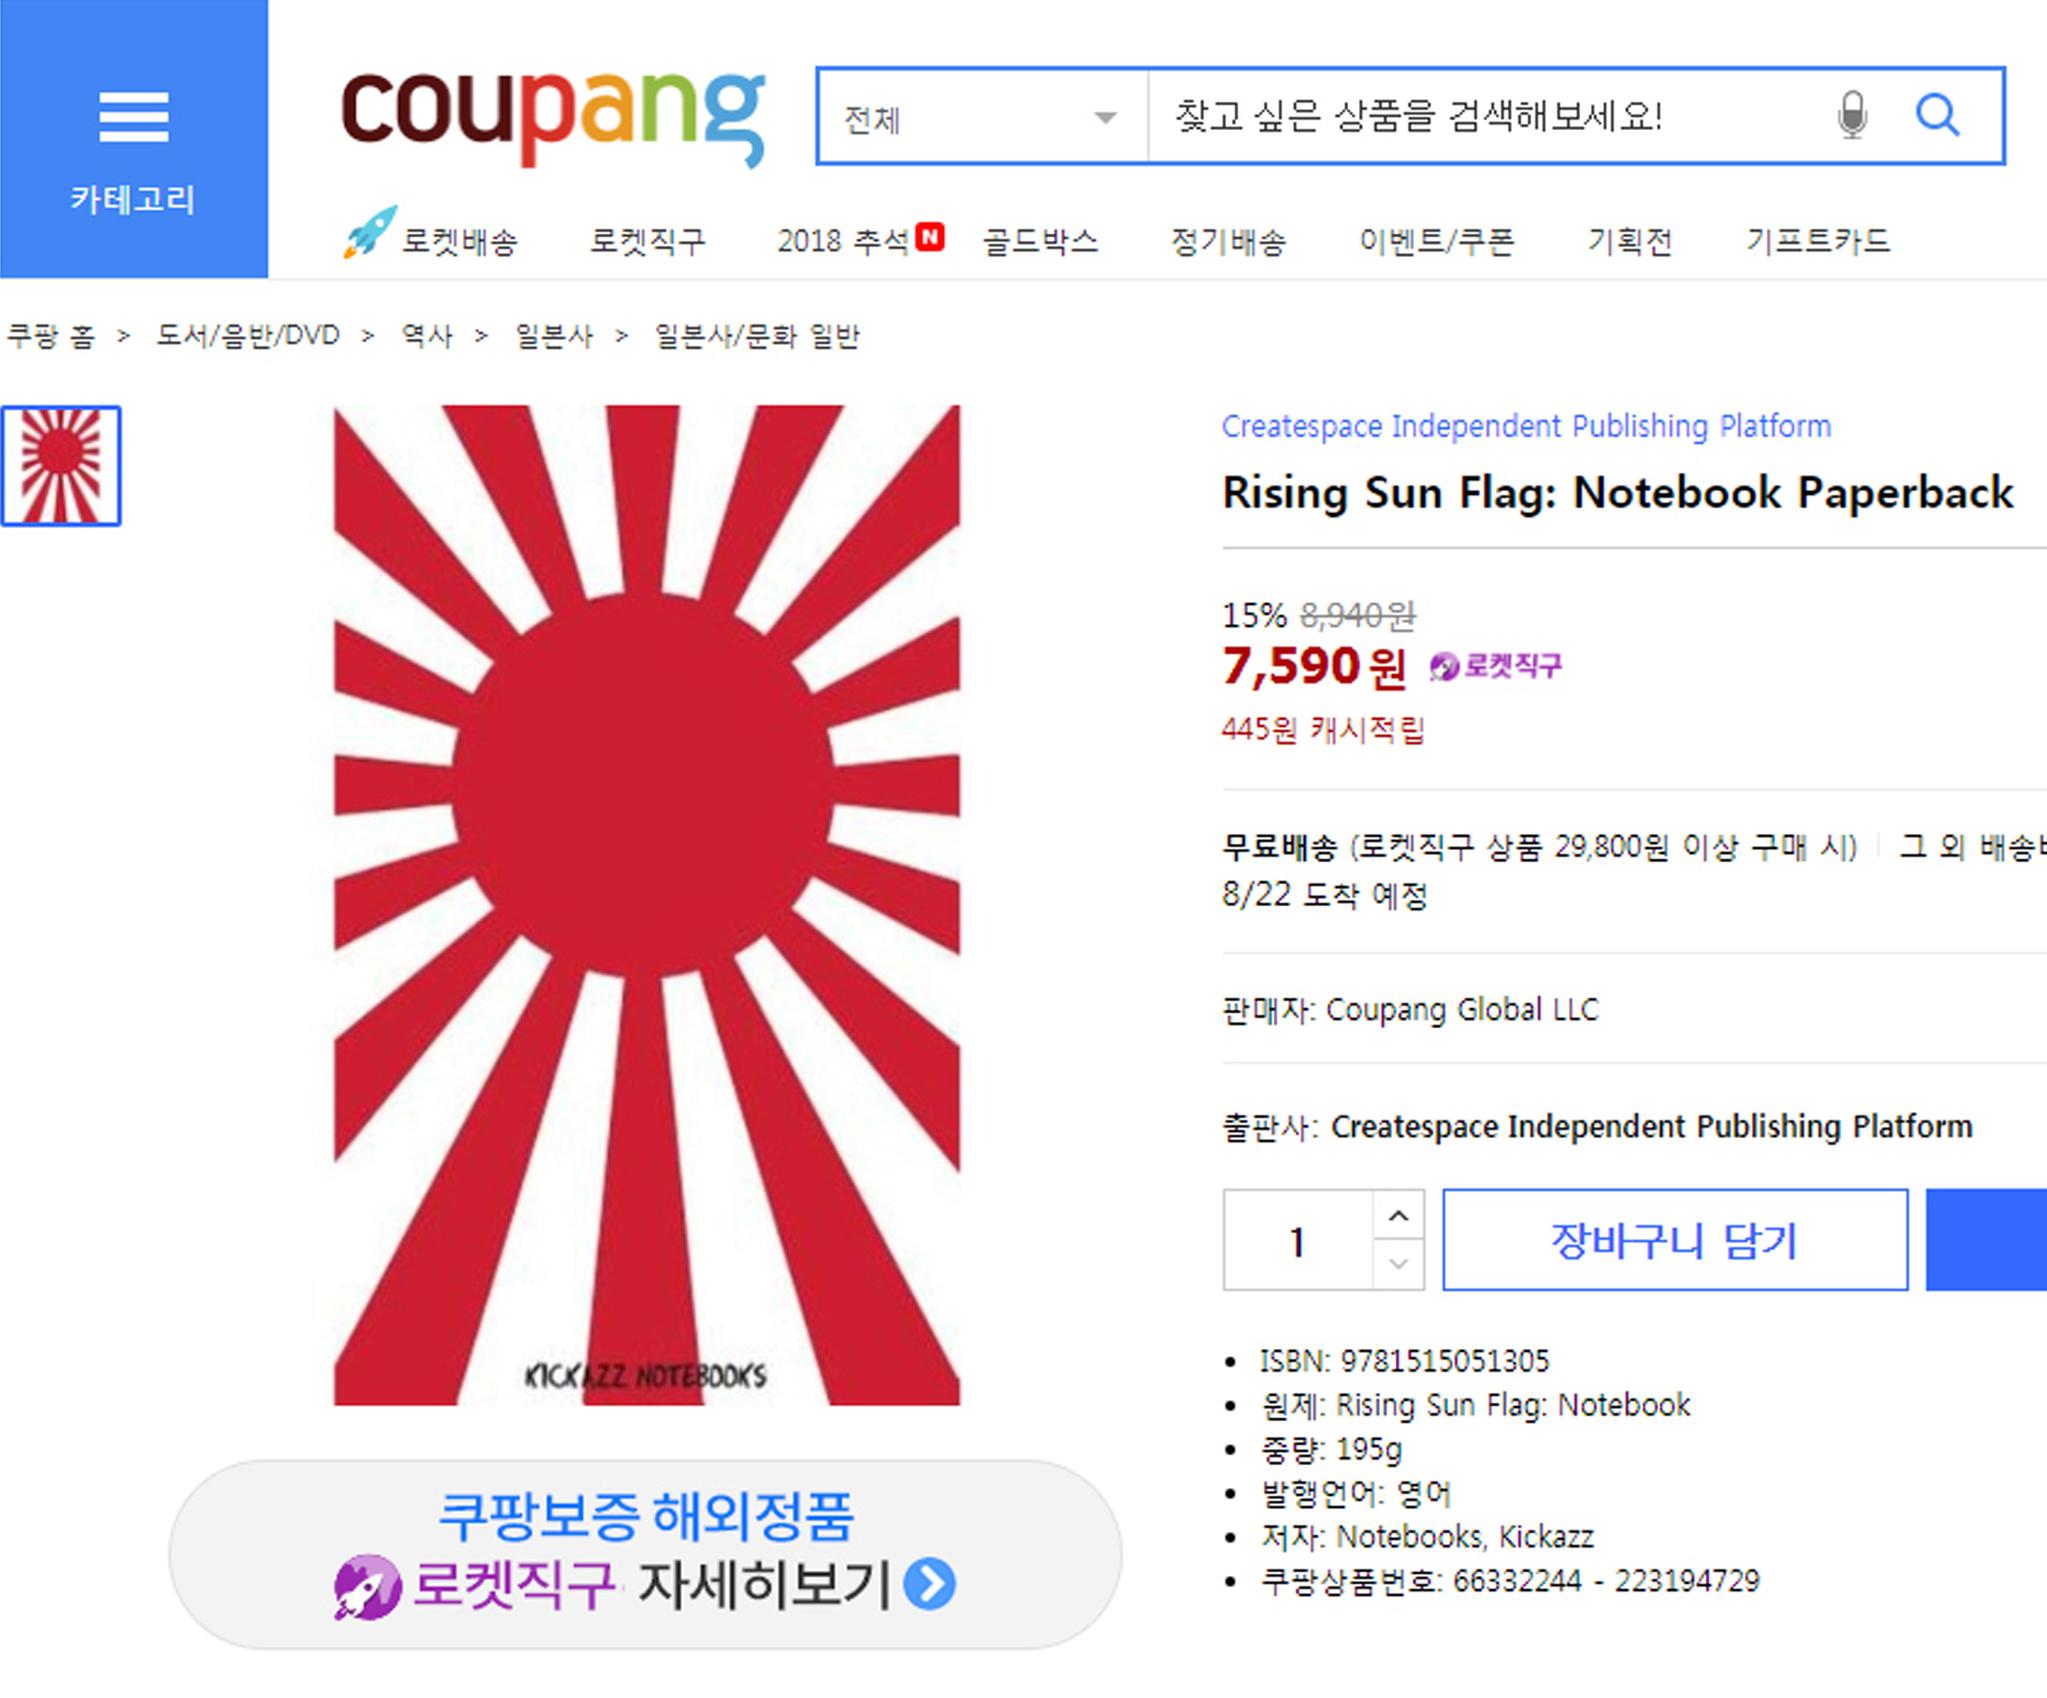 온라인 쇼핑몰 '쿠팡'에서 판매 중인 전범기 디자인 상품. [사진 서경덕 교수팀]